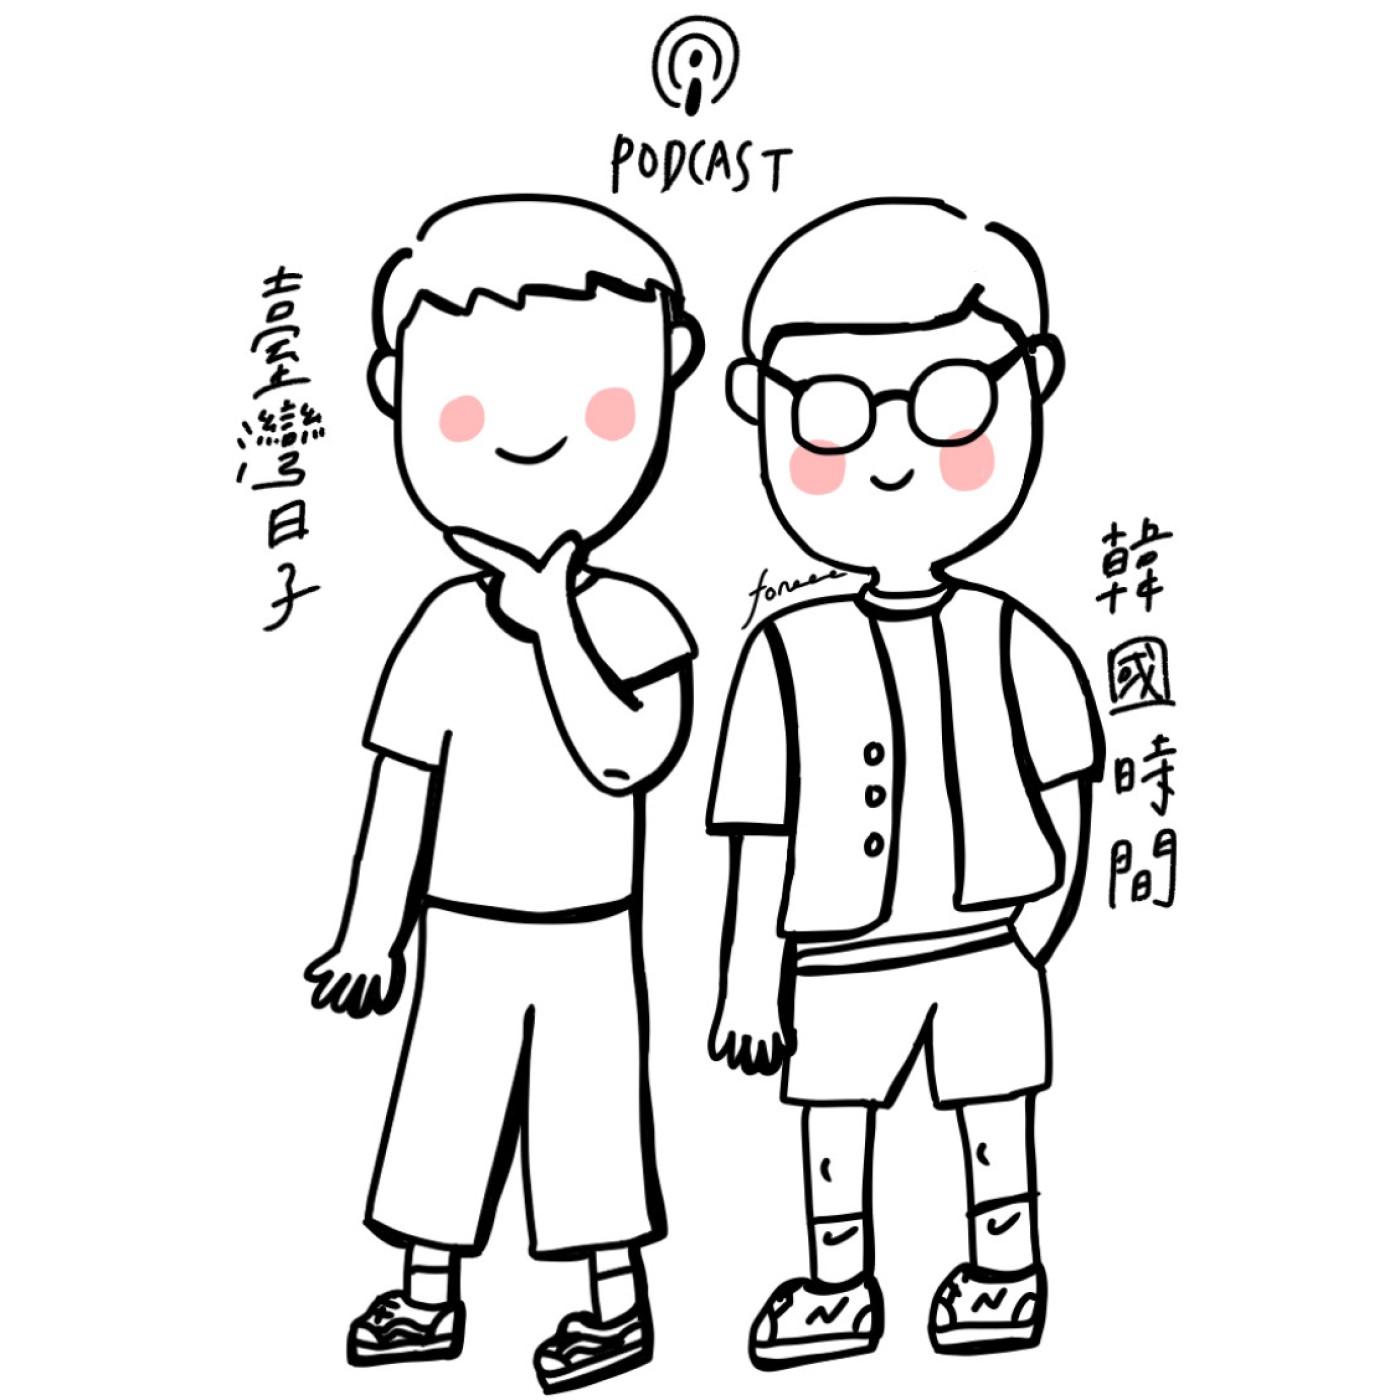 韓娛週爆大事:2021/02-2|TWICE眾神歸位!居然有公司讓藝人回歸延期3次 ?!